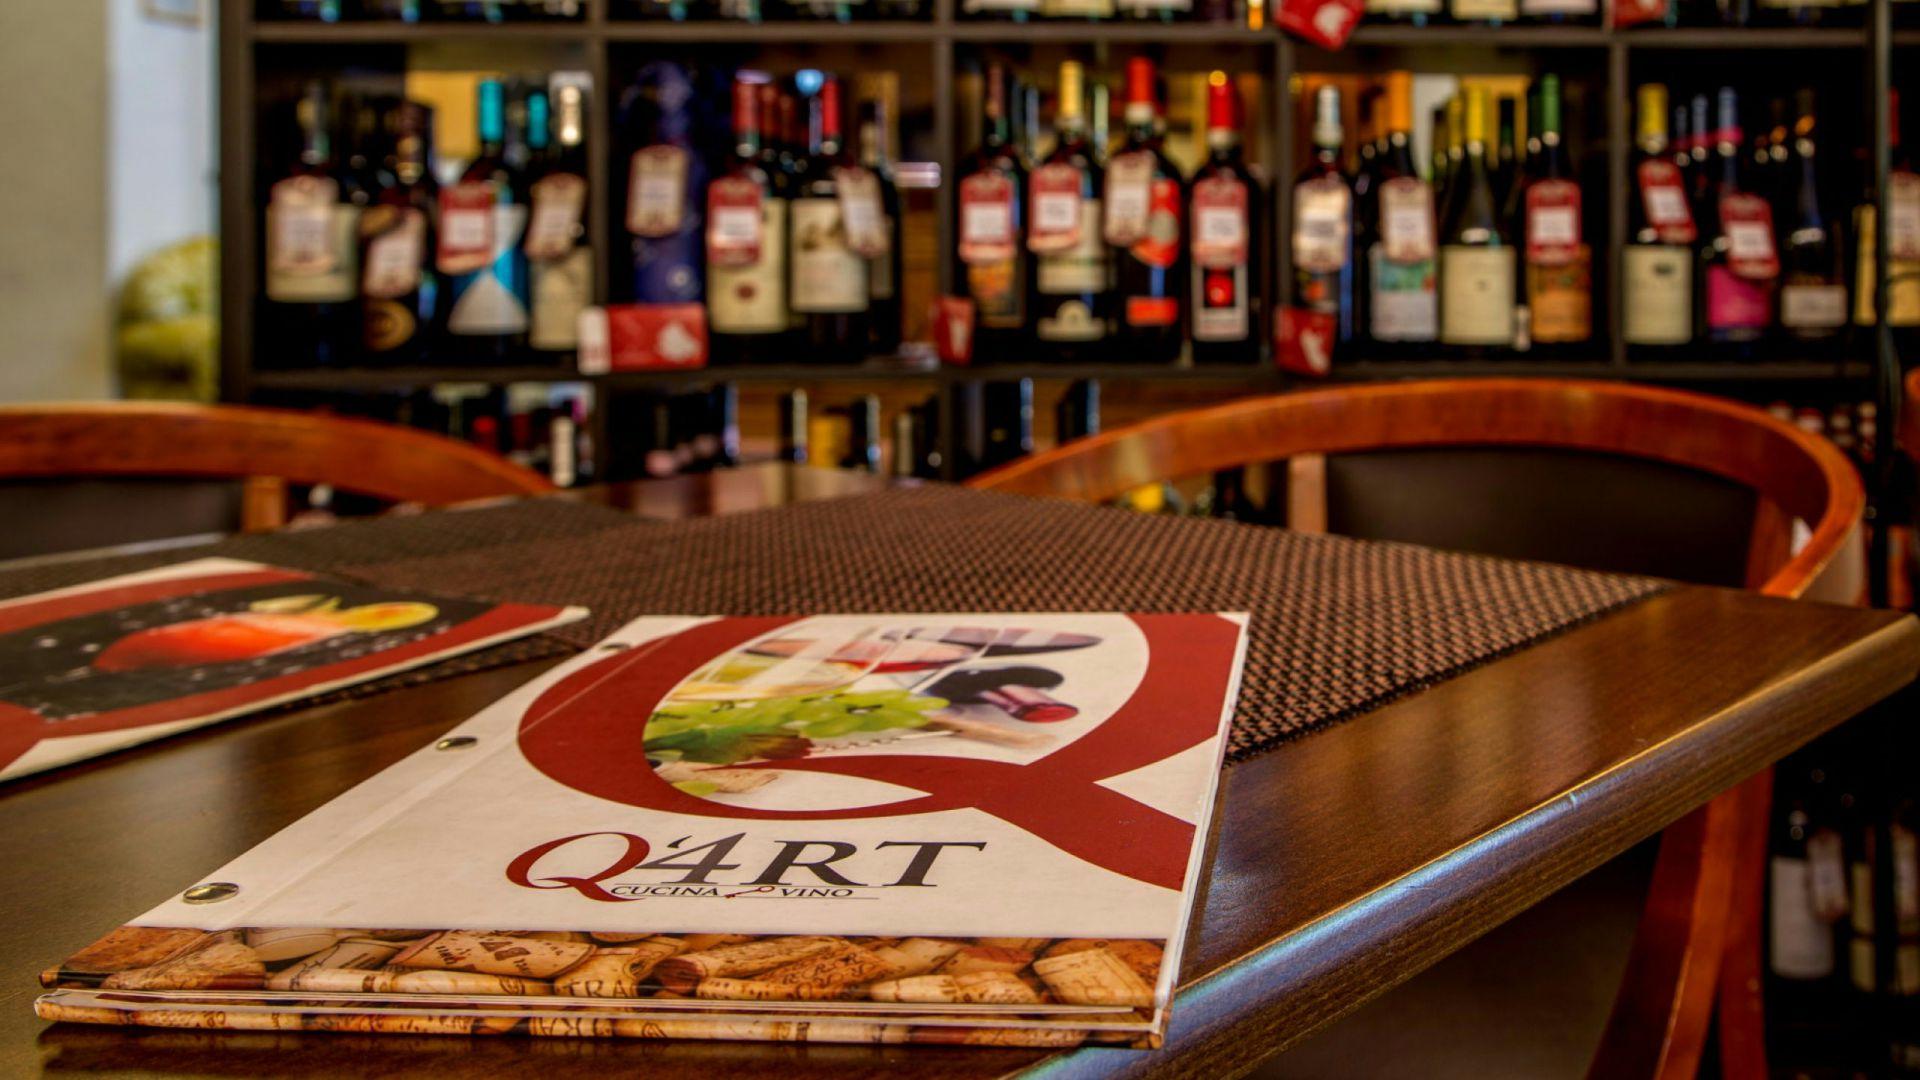 фото-отель-Оксфорд-Рим-винотека-5